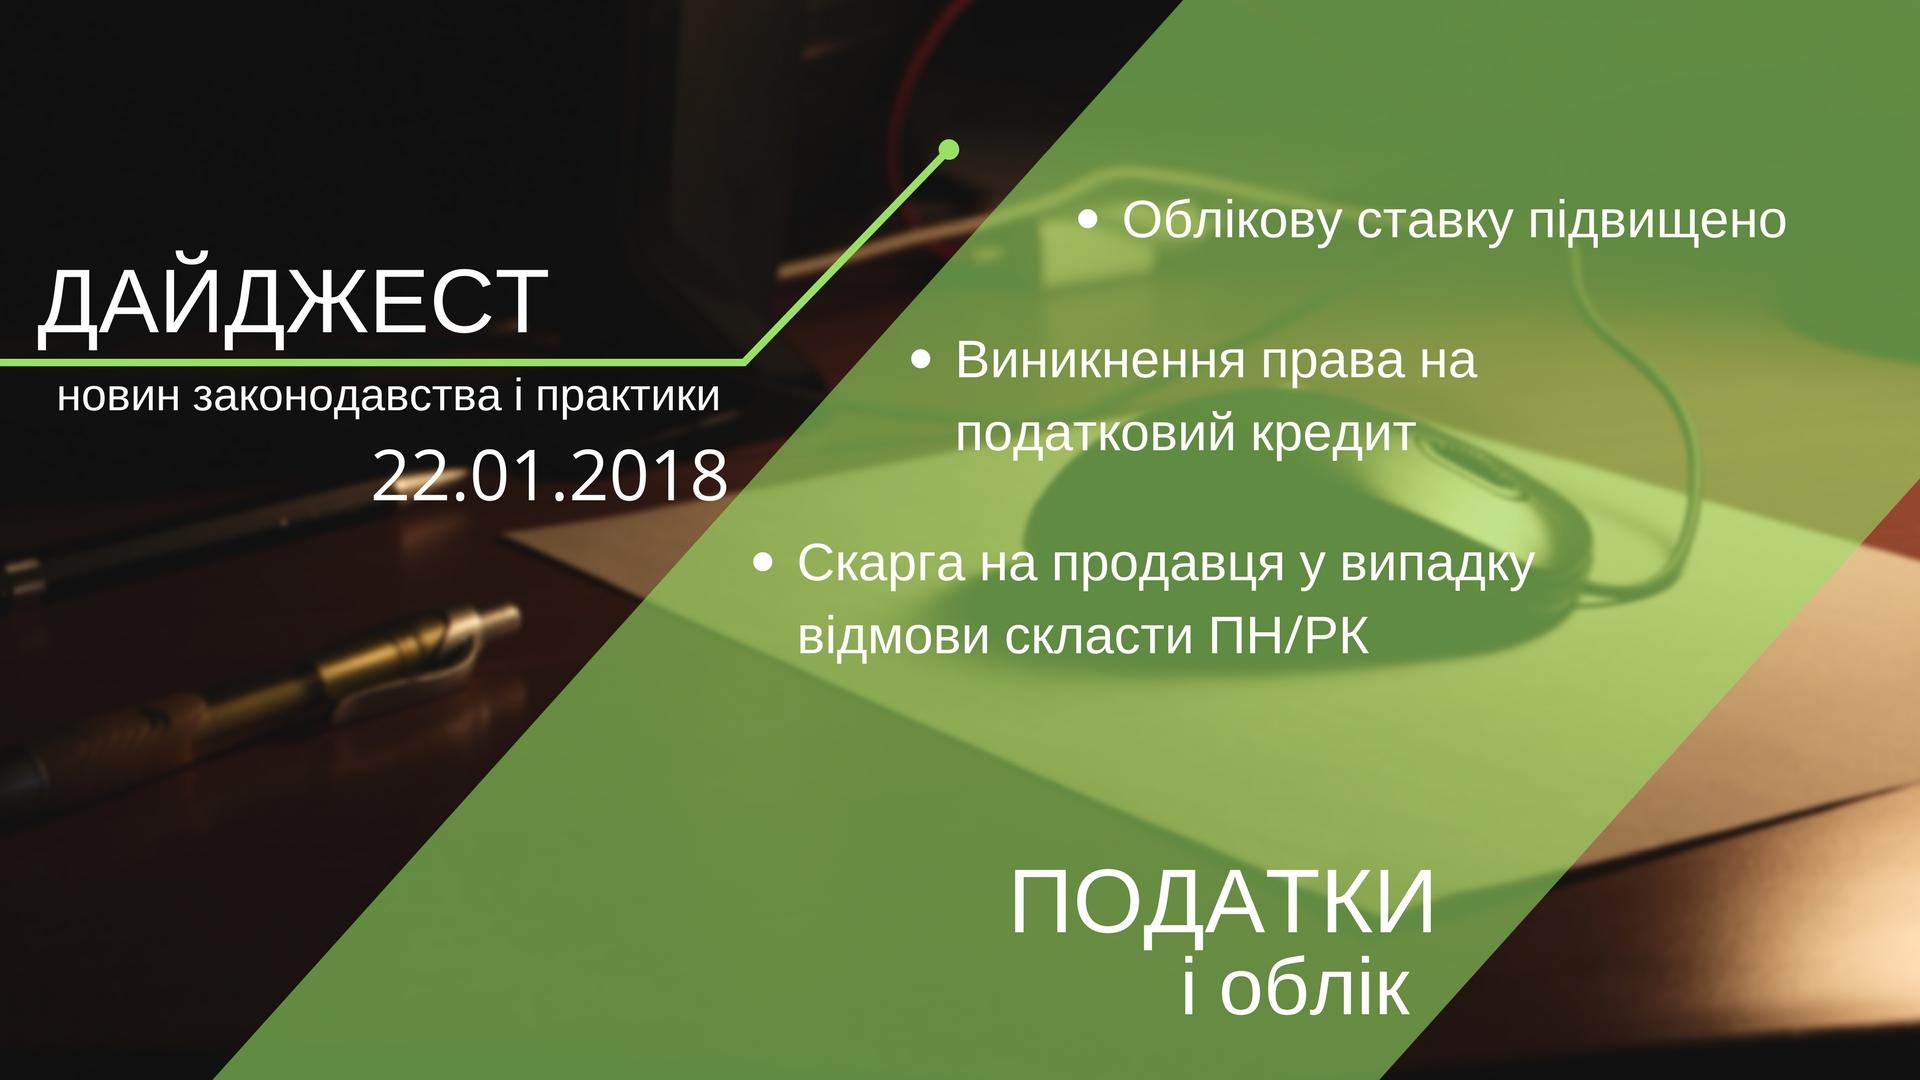 """Дайджест нoвин """"Податки і облік"""" з 22.01.2018 пo 28.01.2018"""